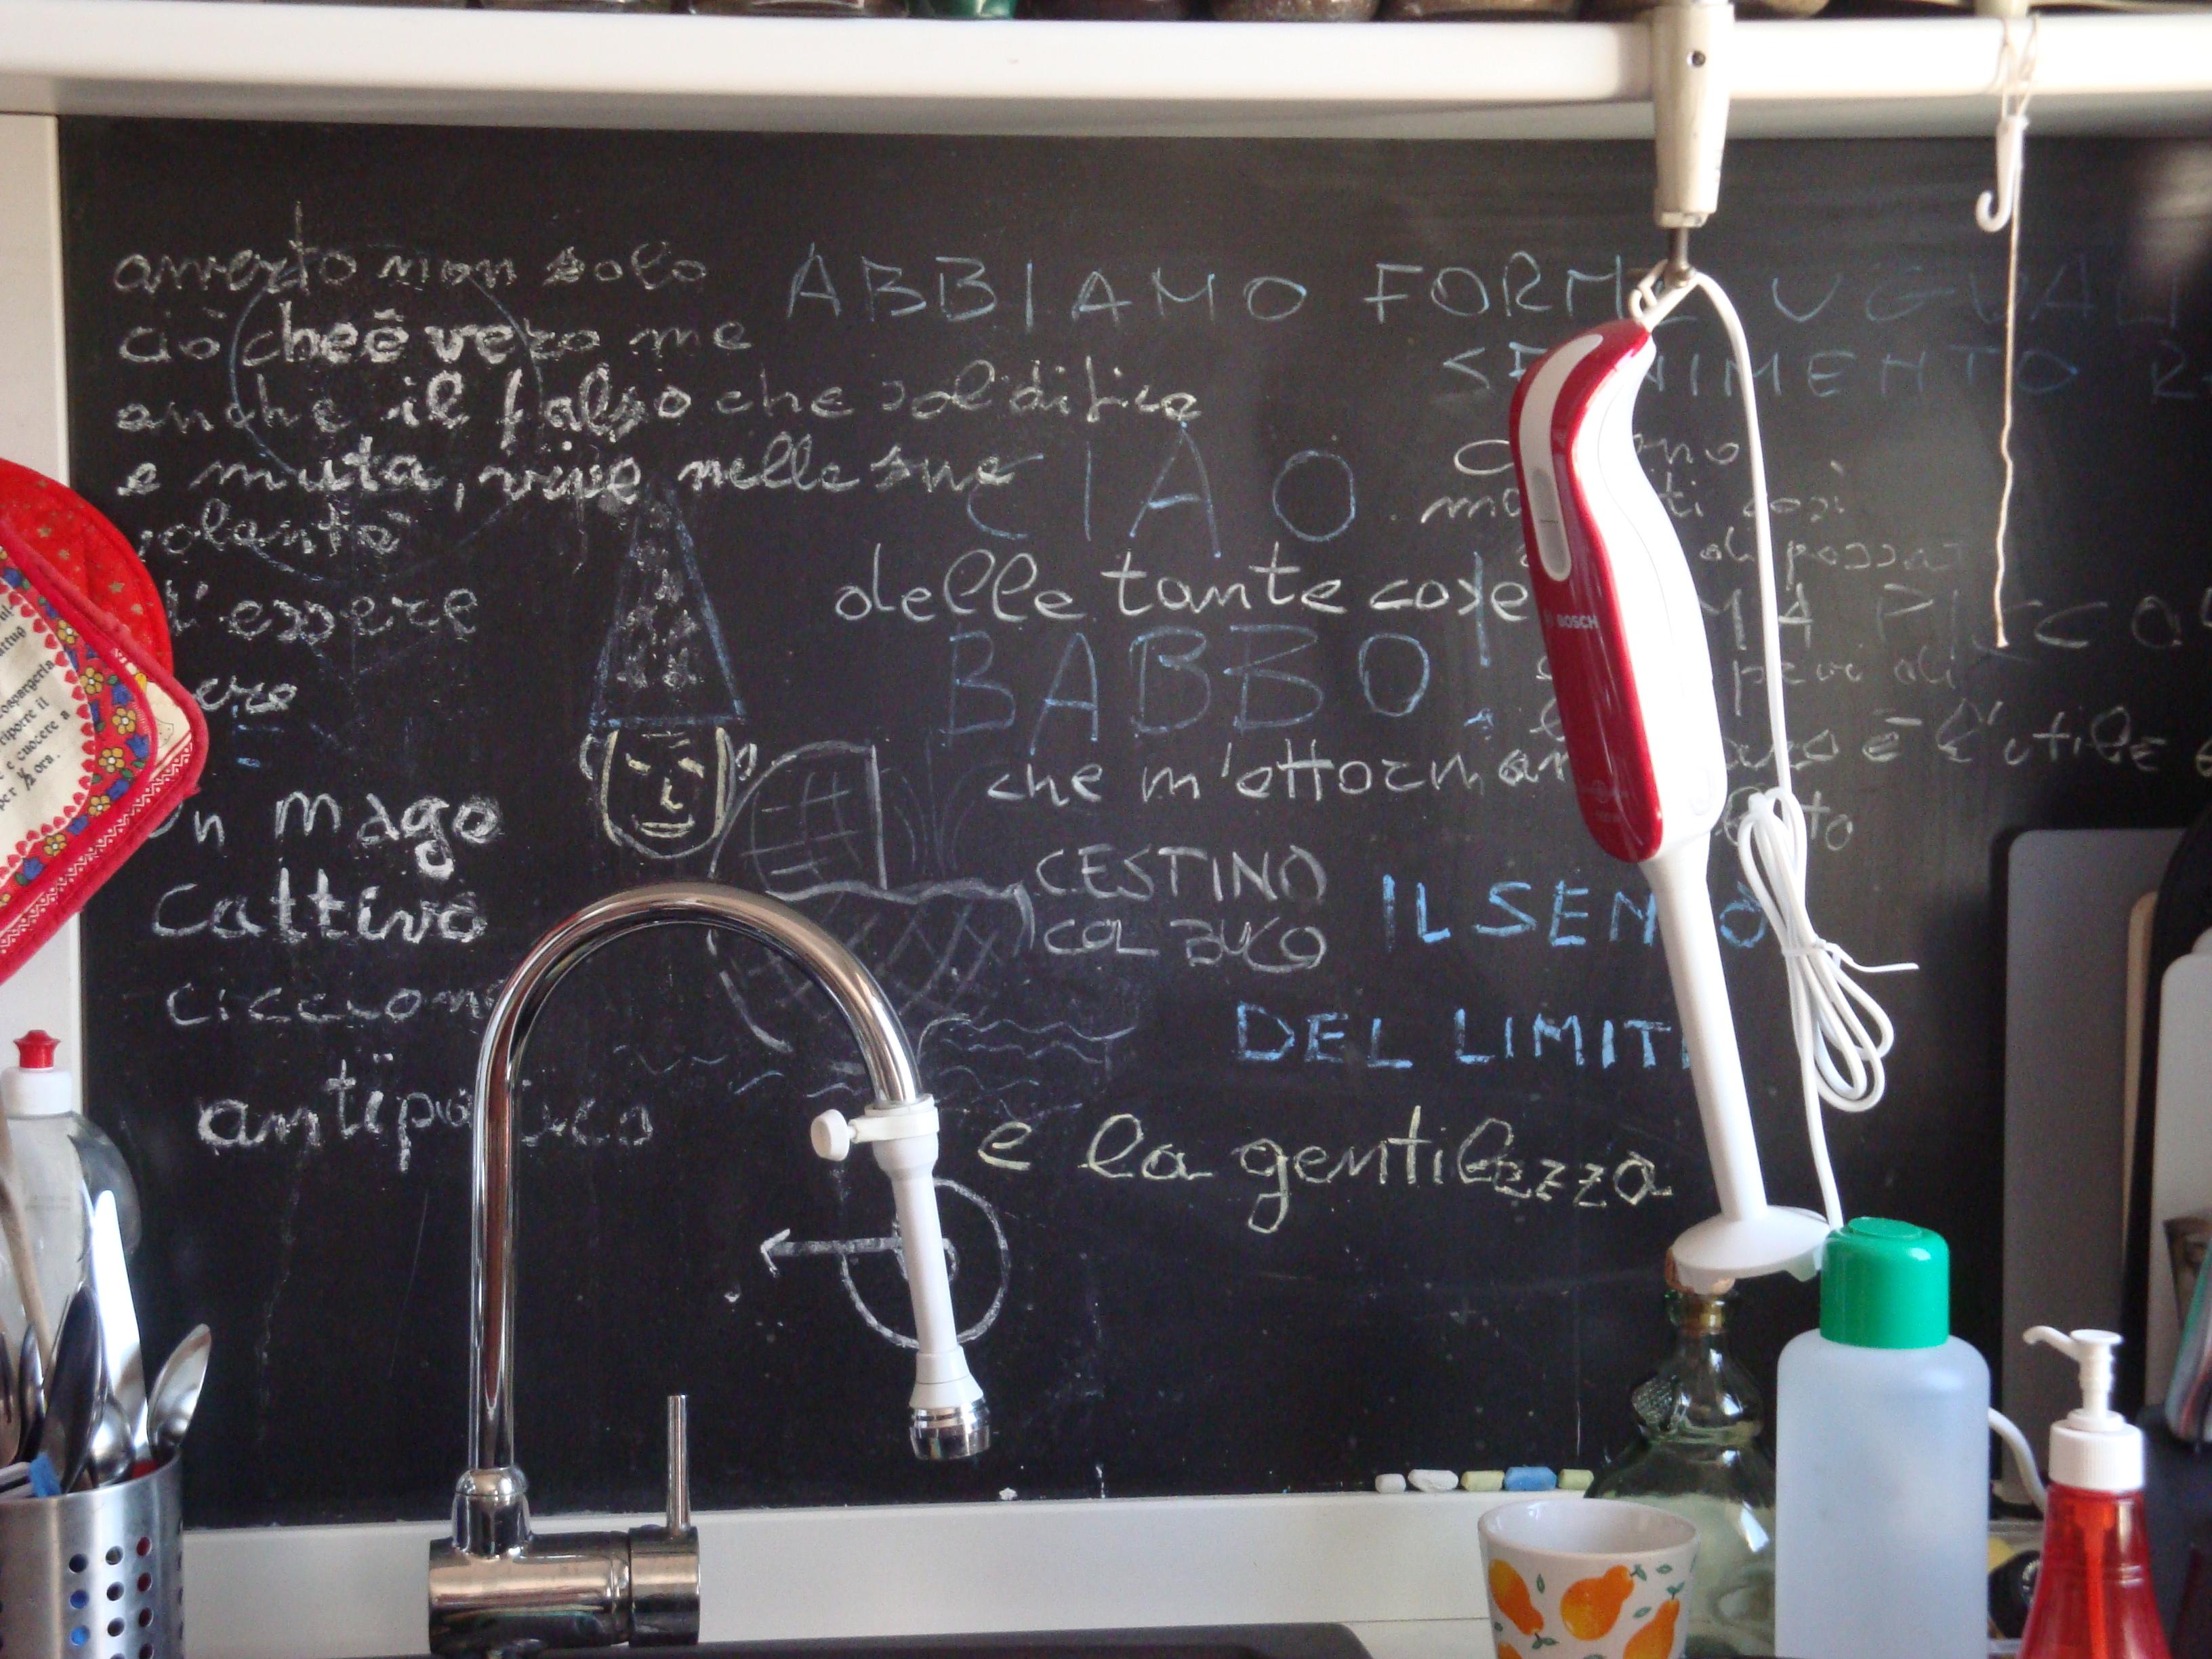 Lavagna Da Parete Cucina il senso del limite | willyco